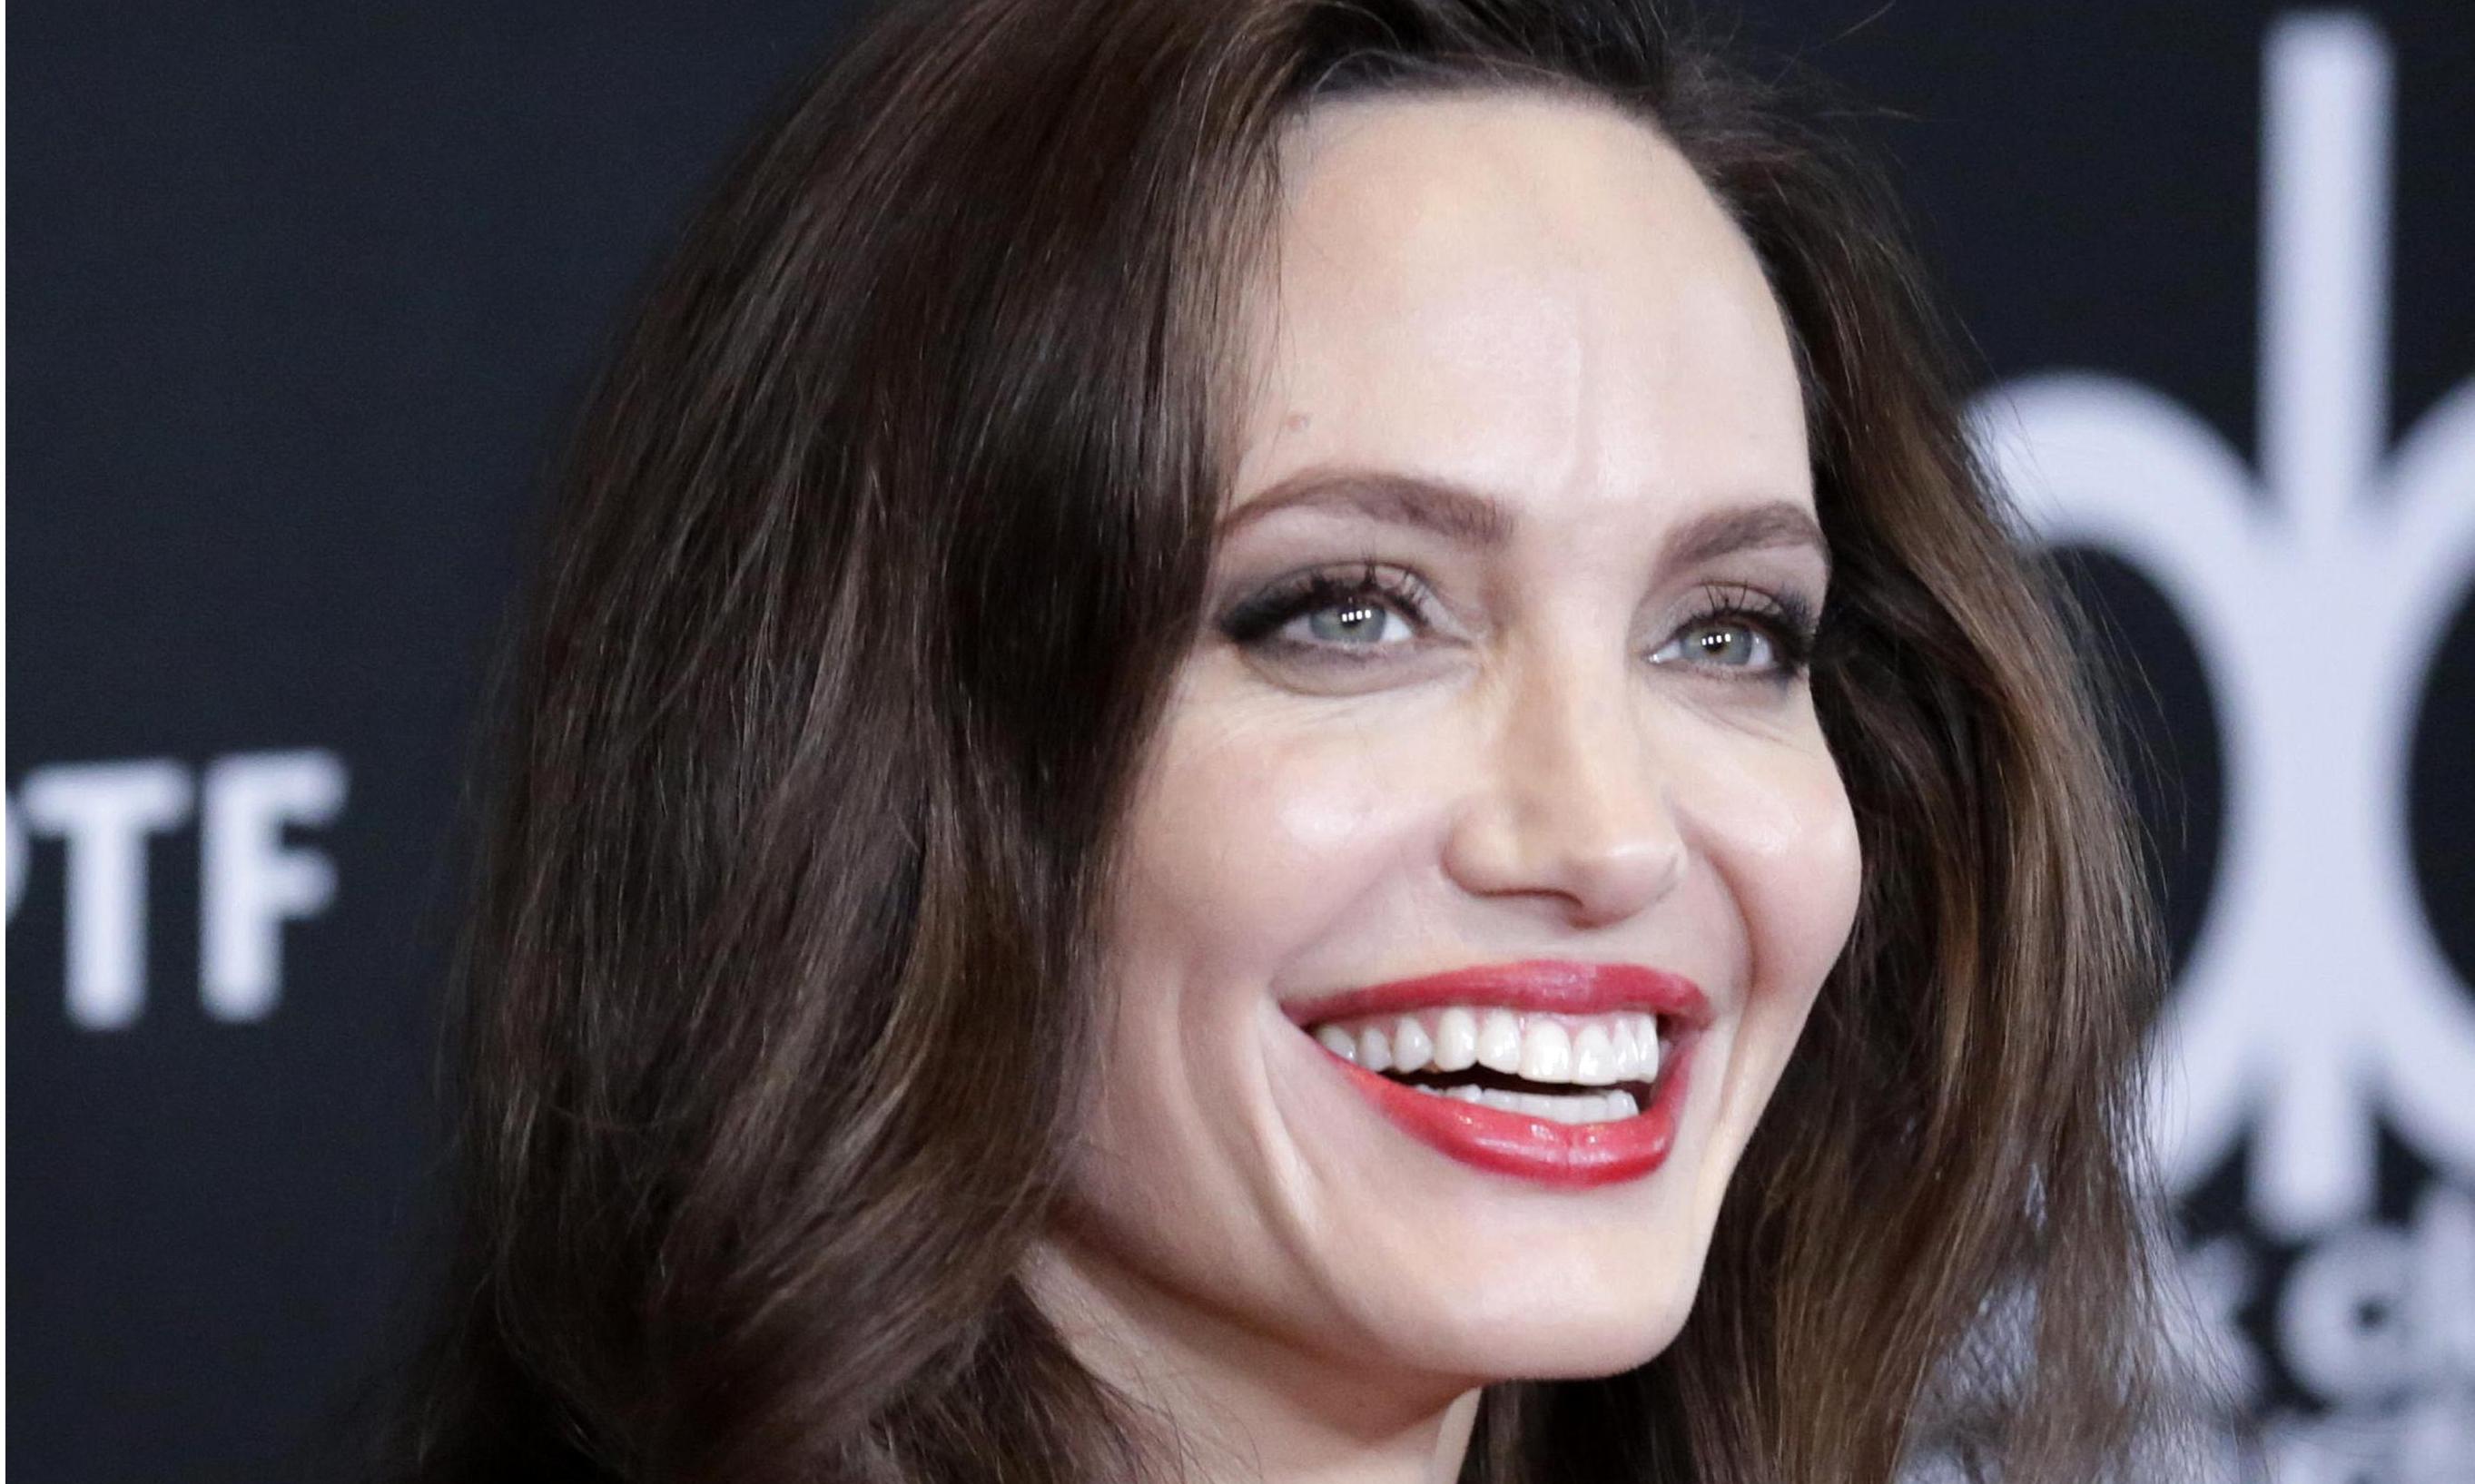 Джоли продемонстирировала возможный признак болезни